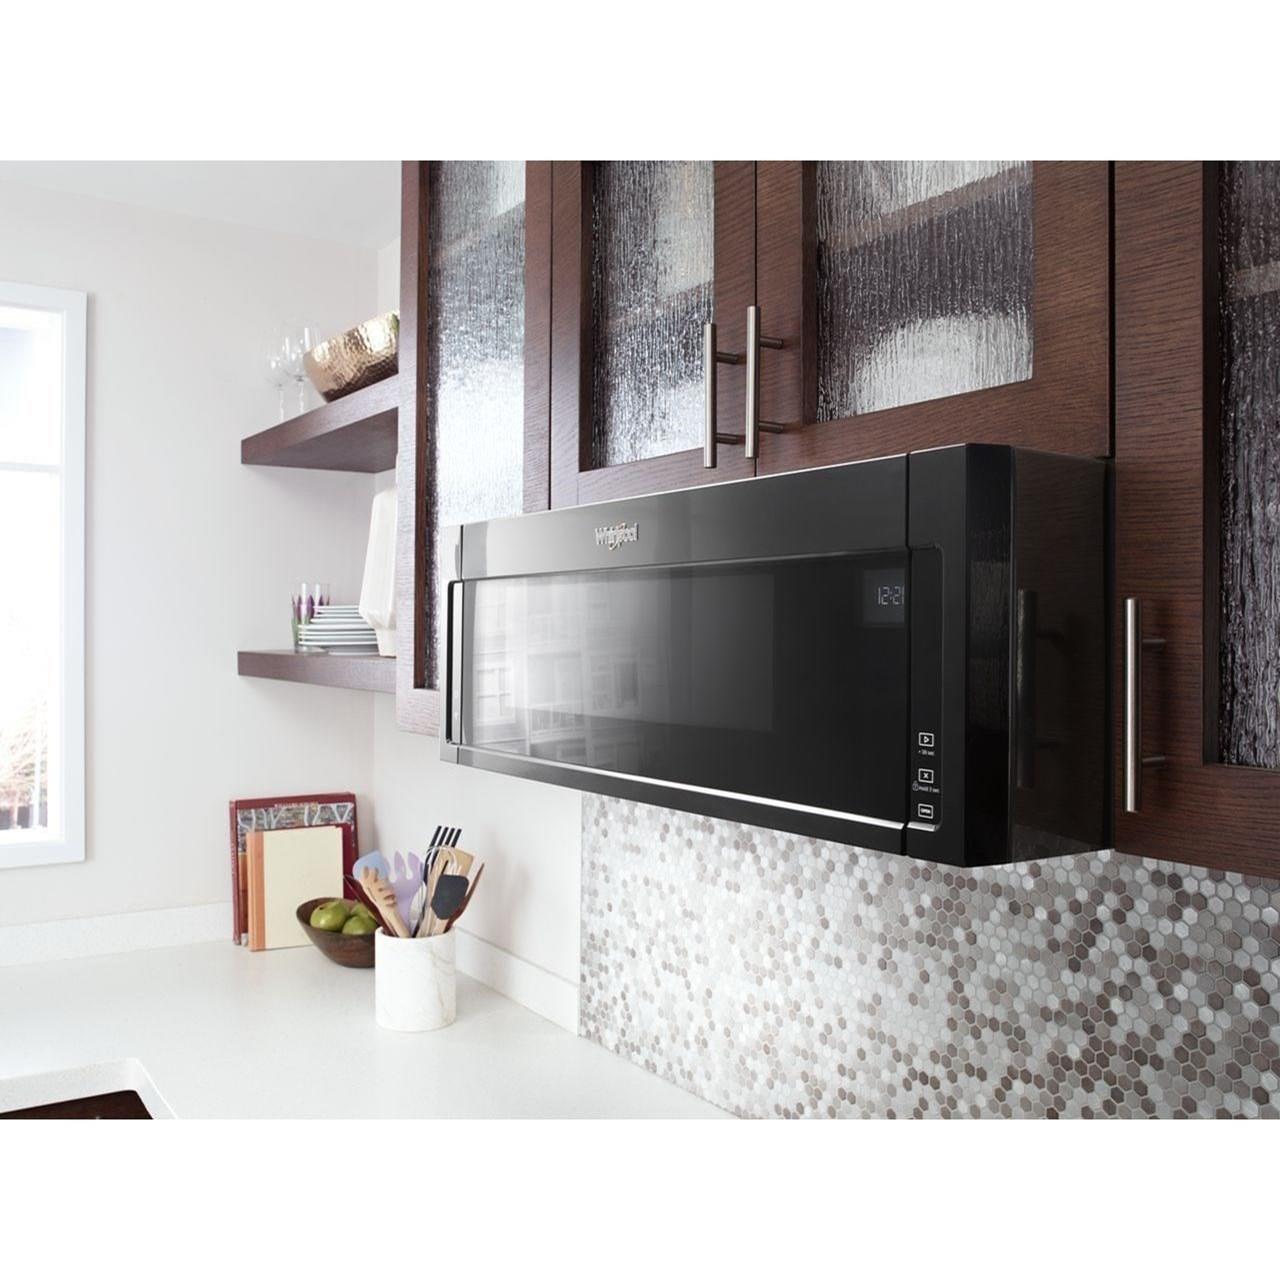 microwaves whirlpool 1 1 cu ft low profile microwave hood combi